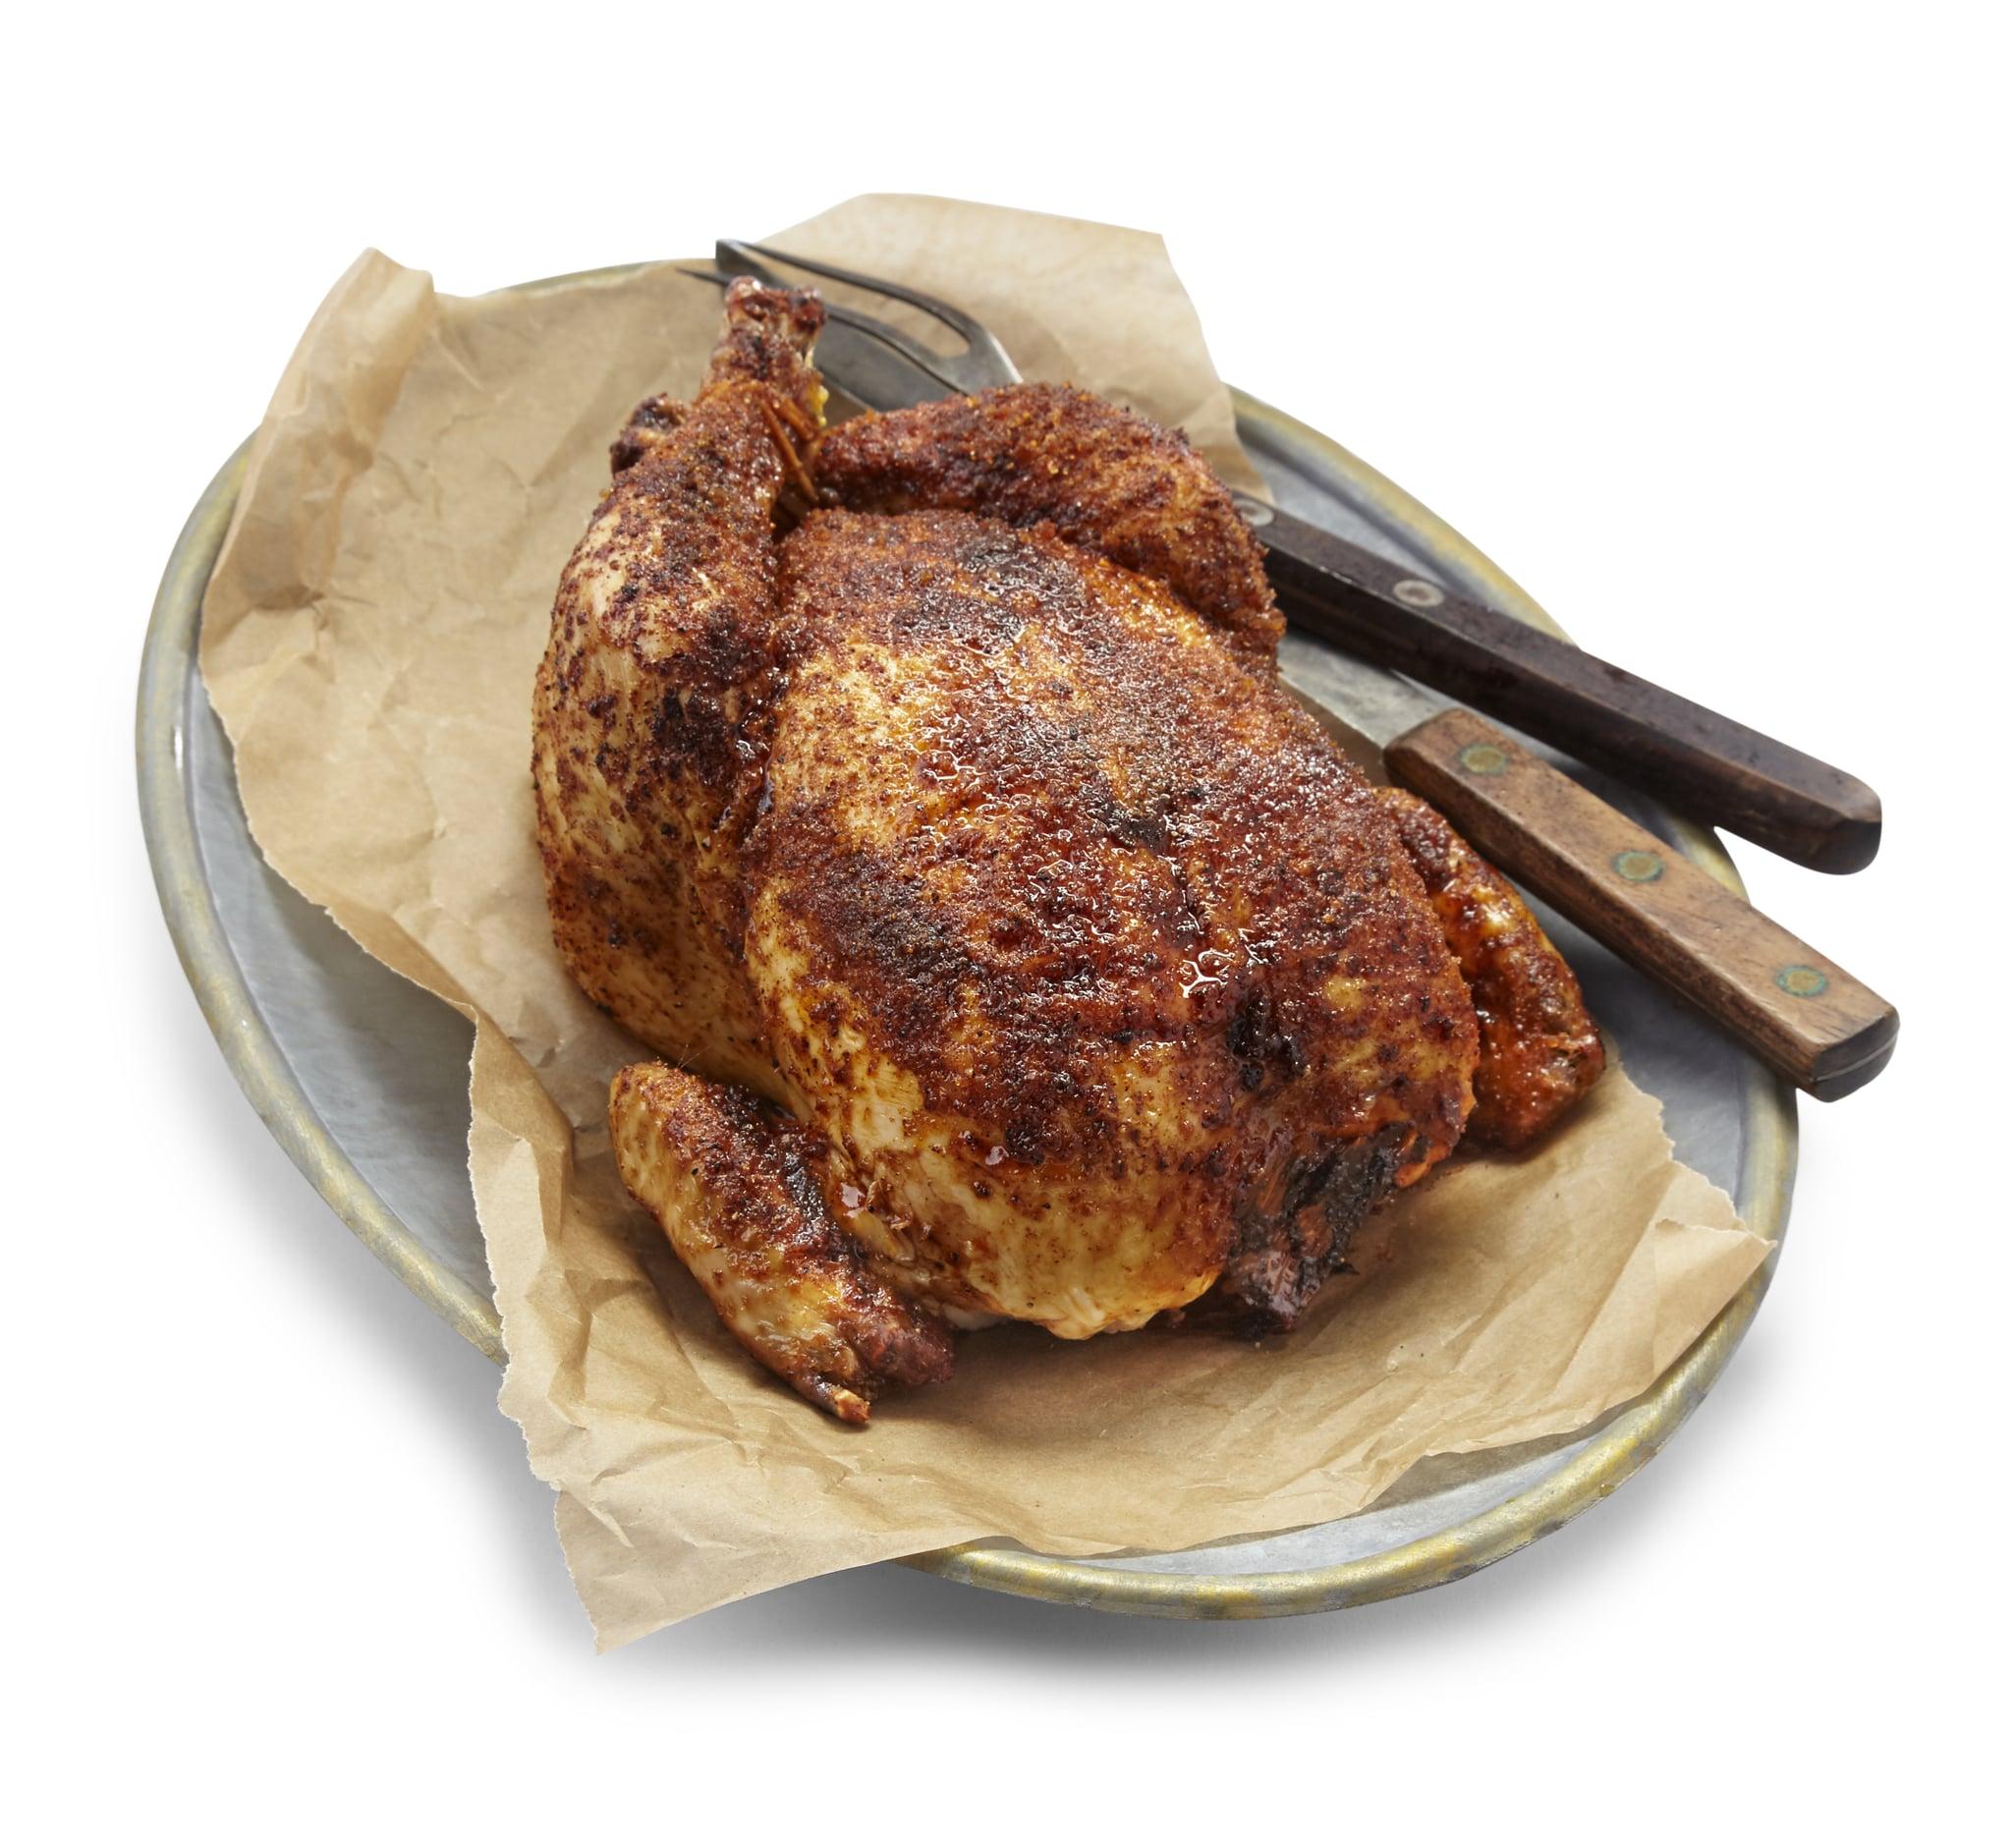 Whole Foods Rotisserie Chicken Ingredients Popsugar Food